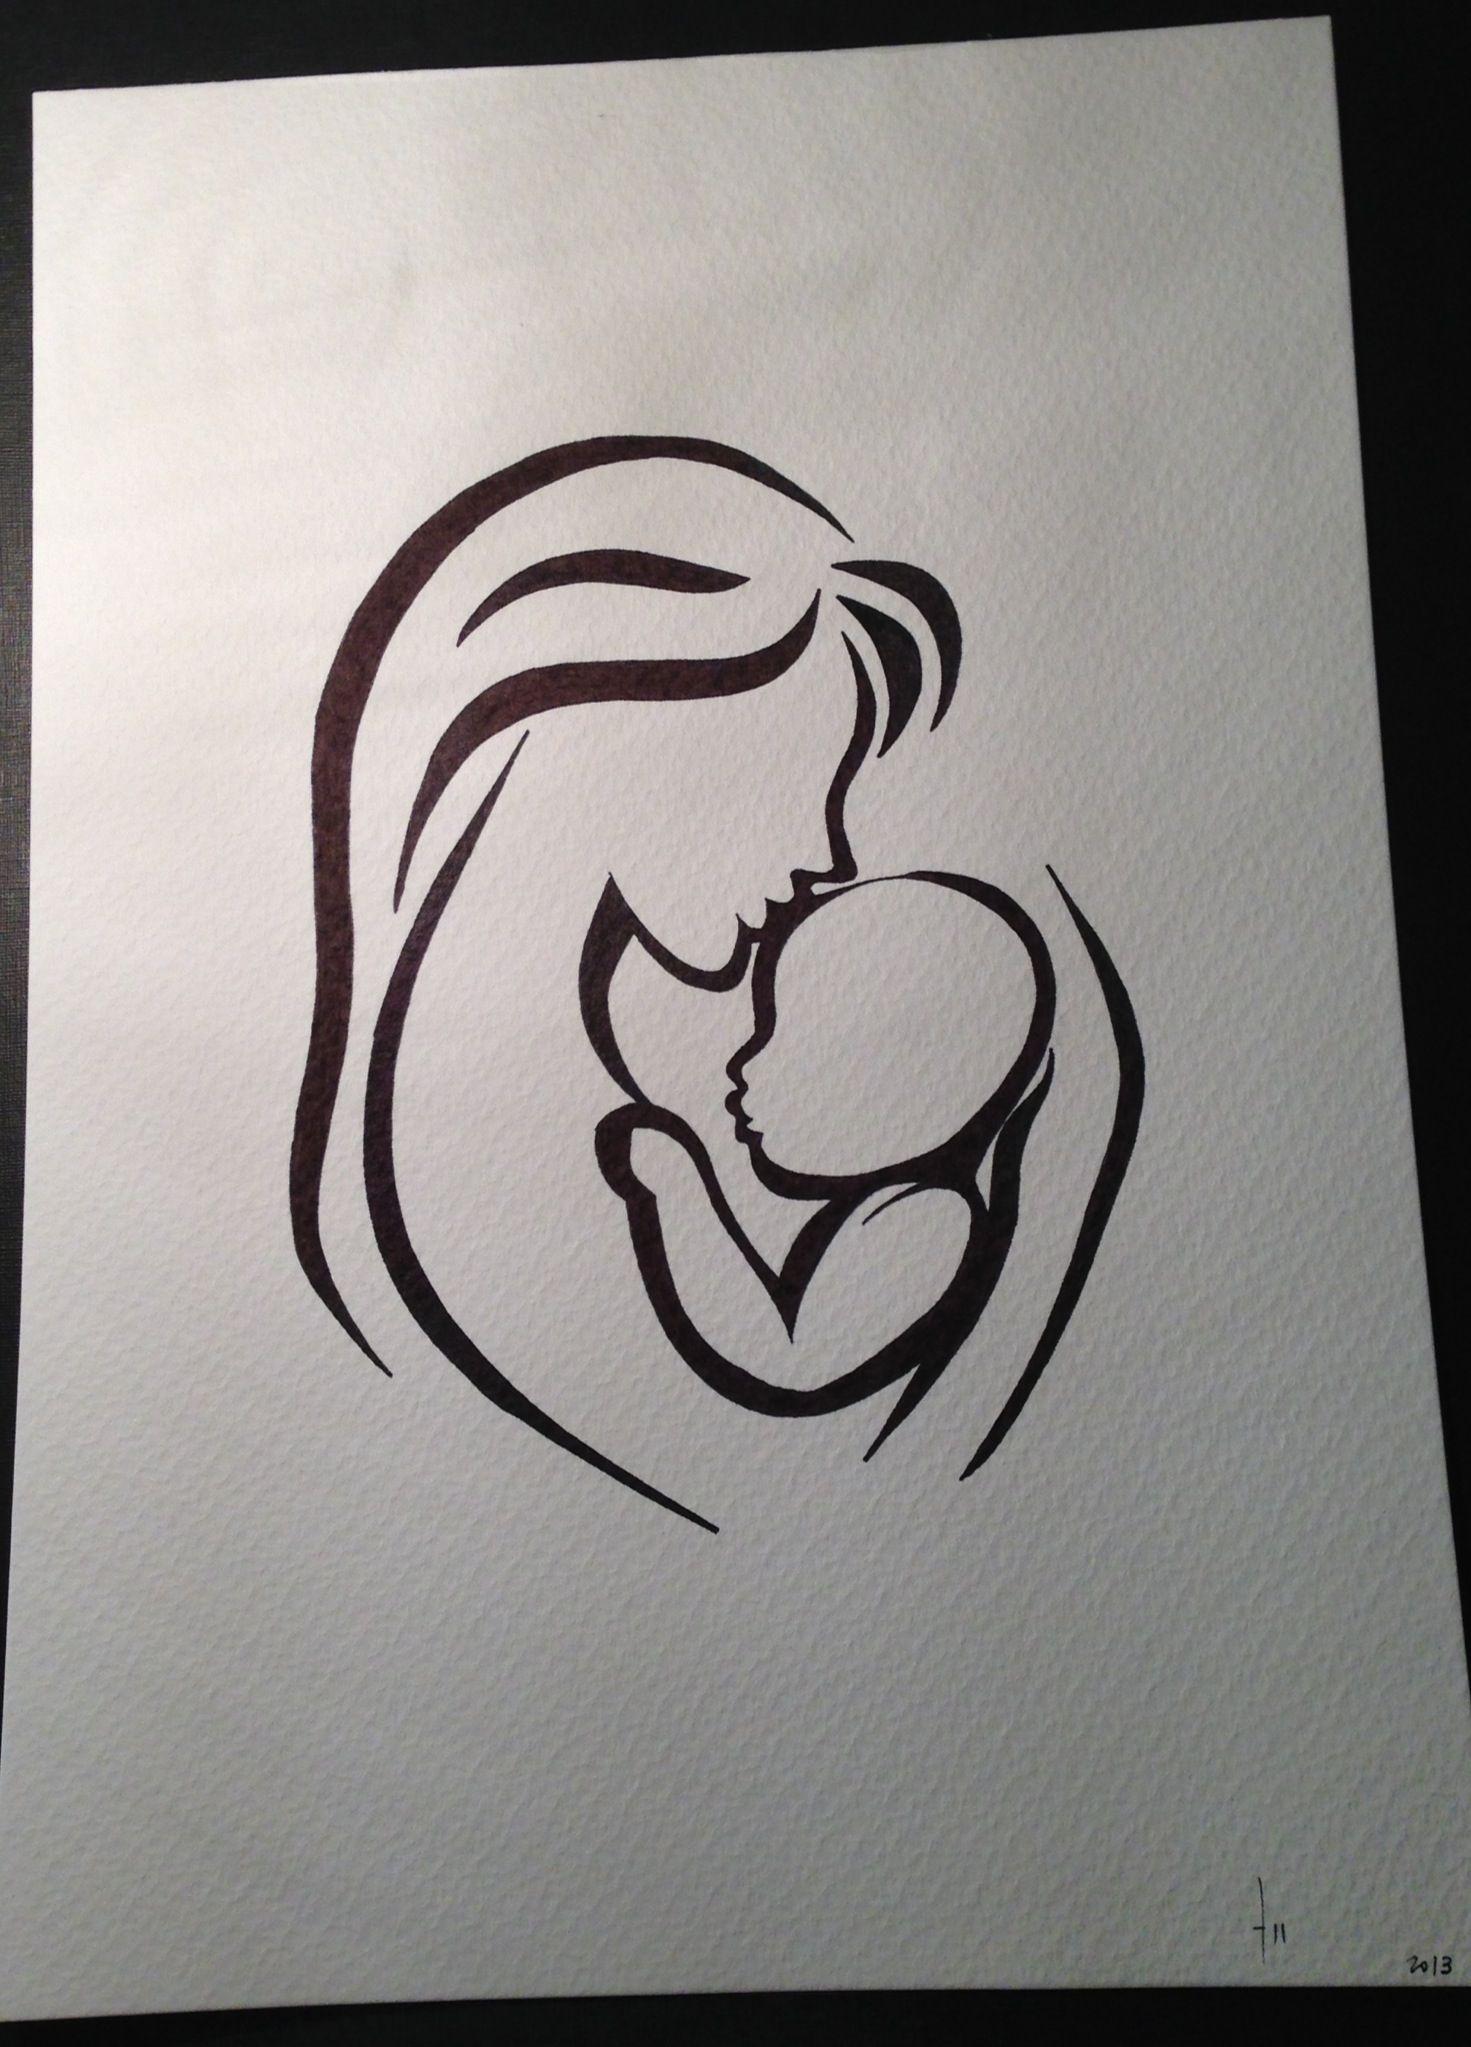 Pin De Aula Hospitalaria Clinico San En Lactancia Materna Dibujos Arte Manualidades